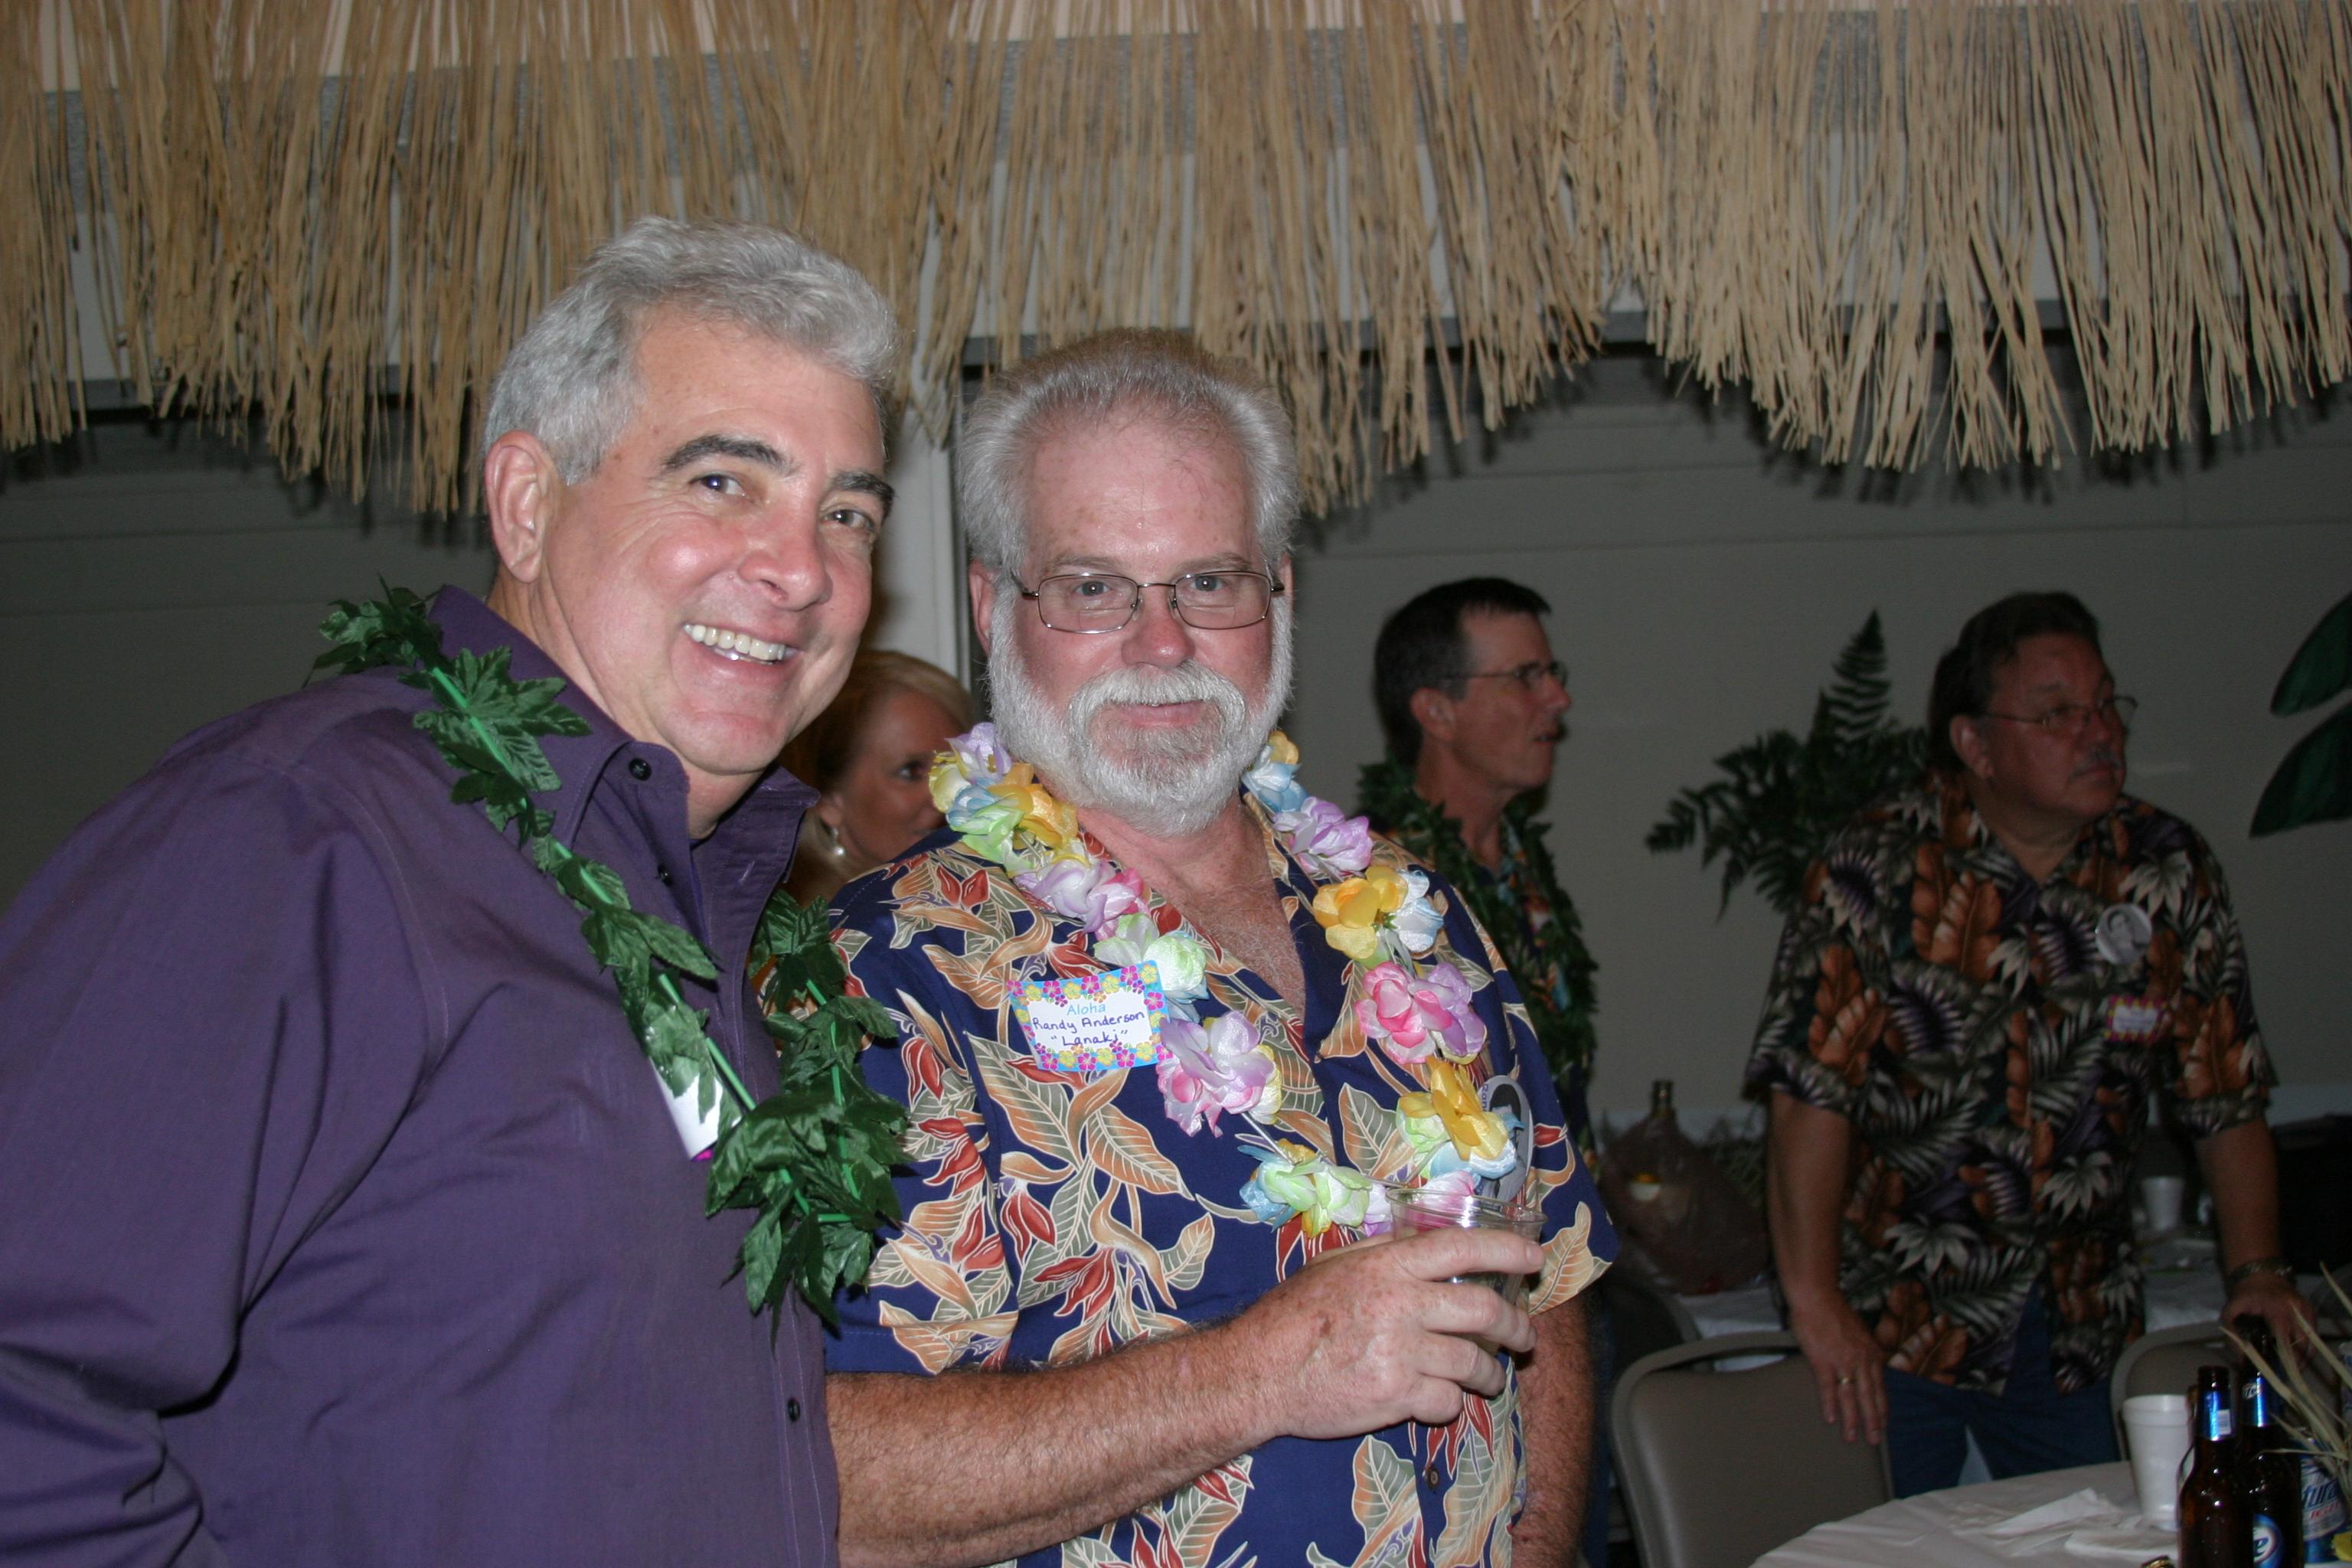 Jeff Haven & Randy Anderson